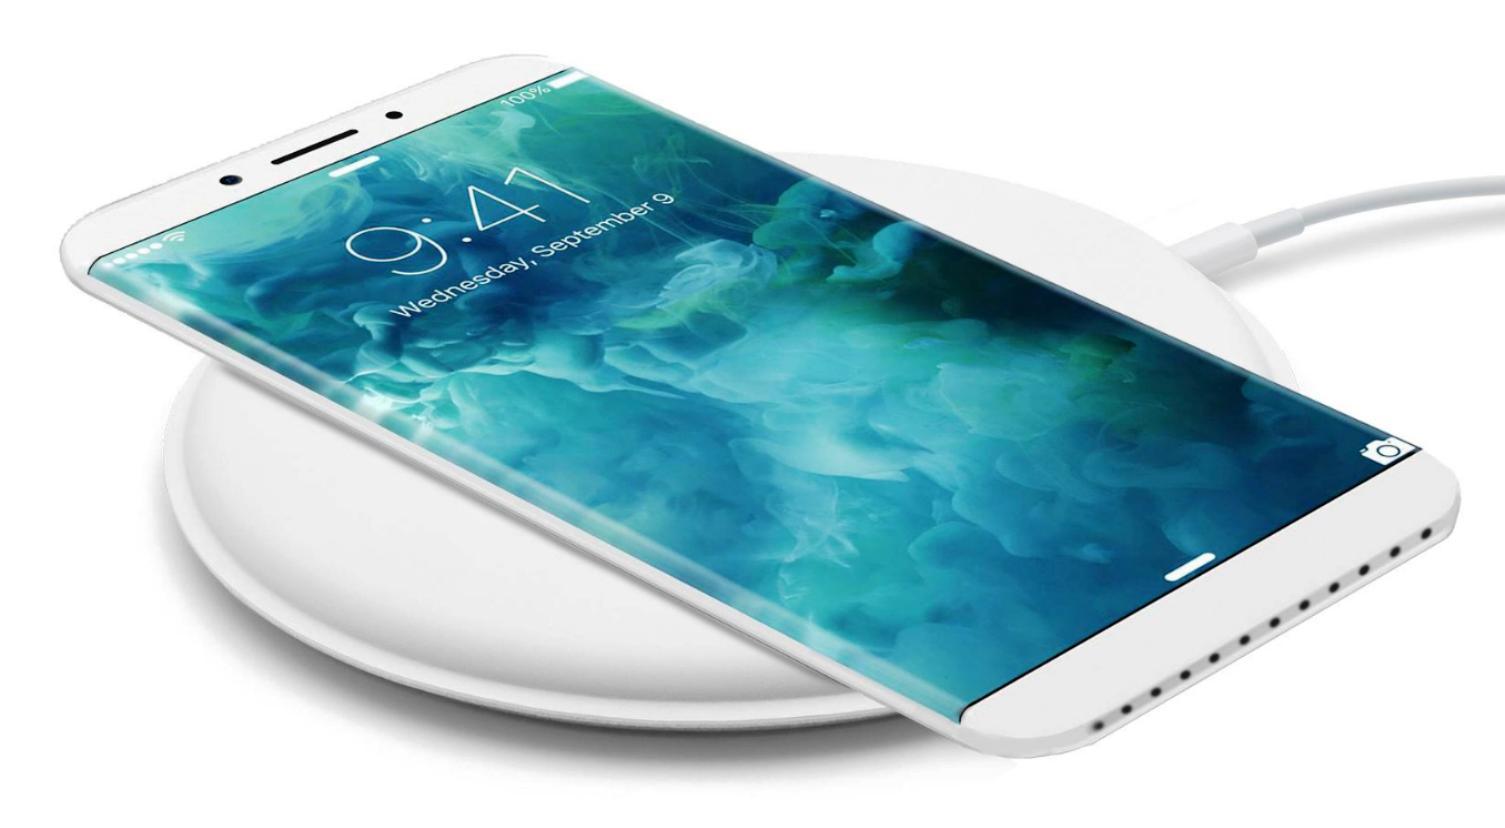 هكذا سيكون شاحن هاتف آيفون iPhone 8